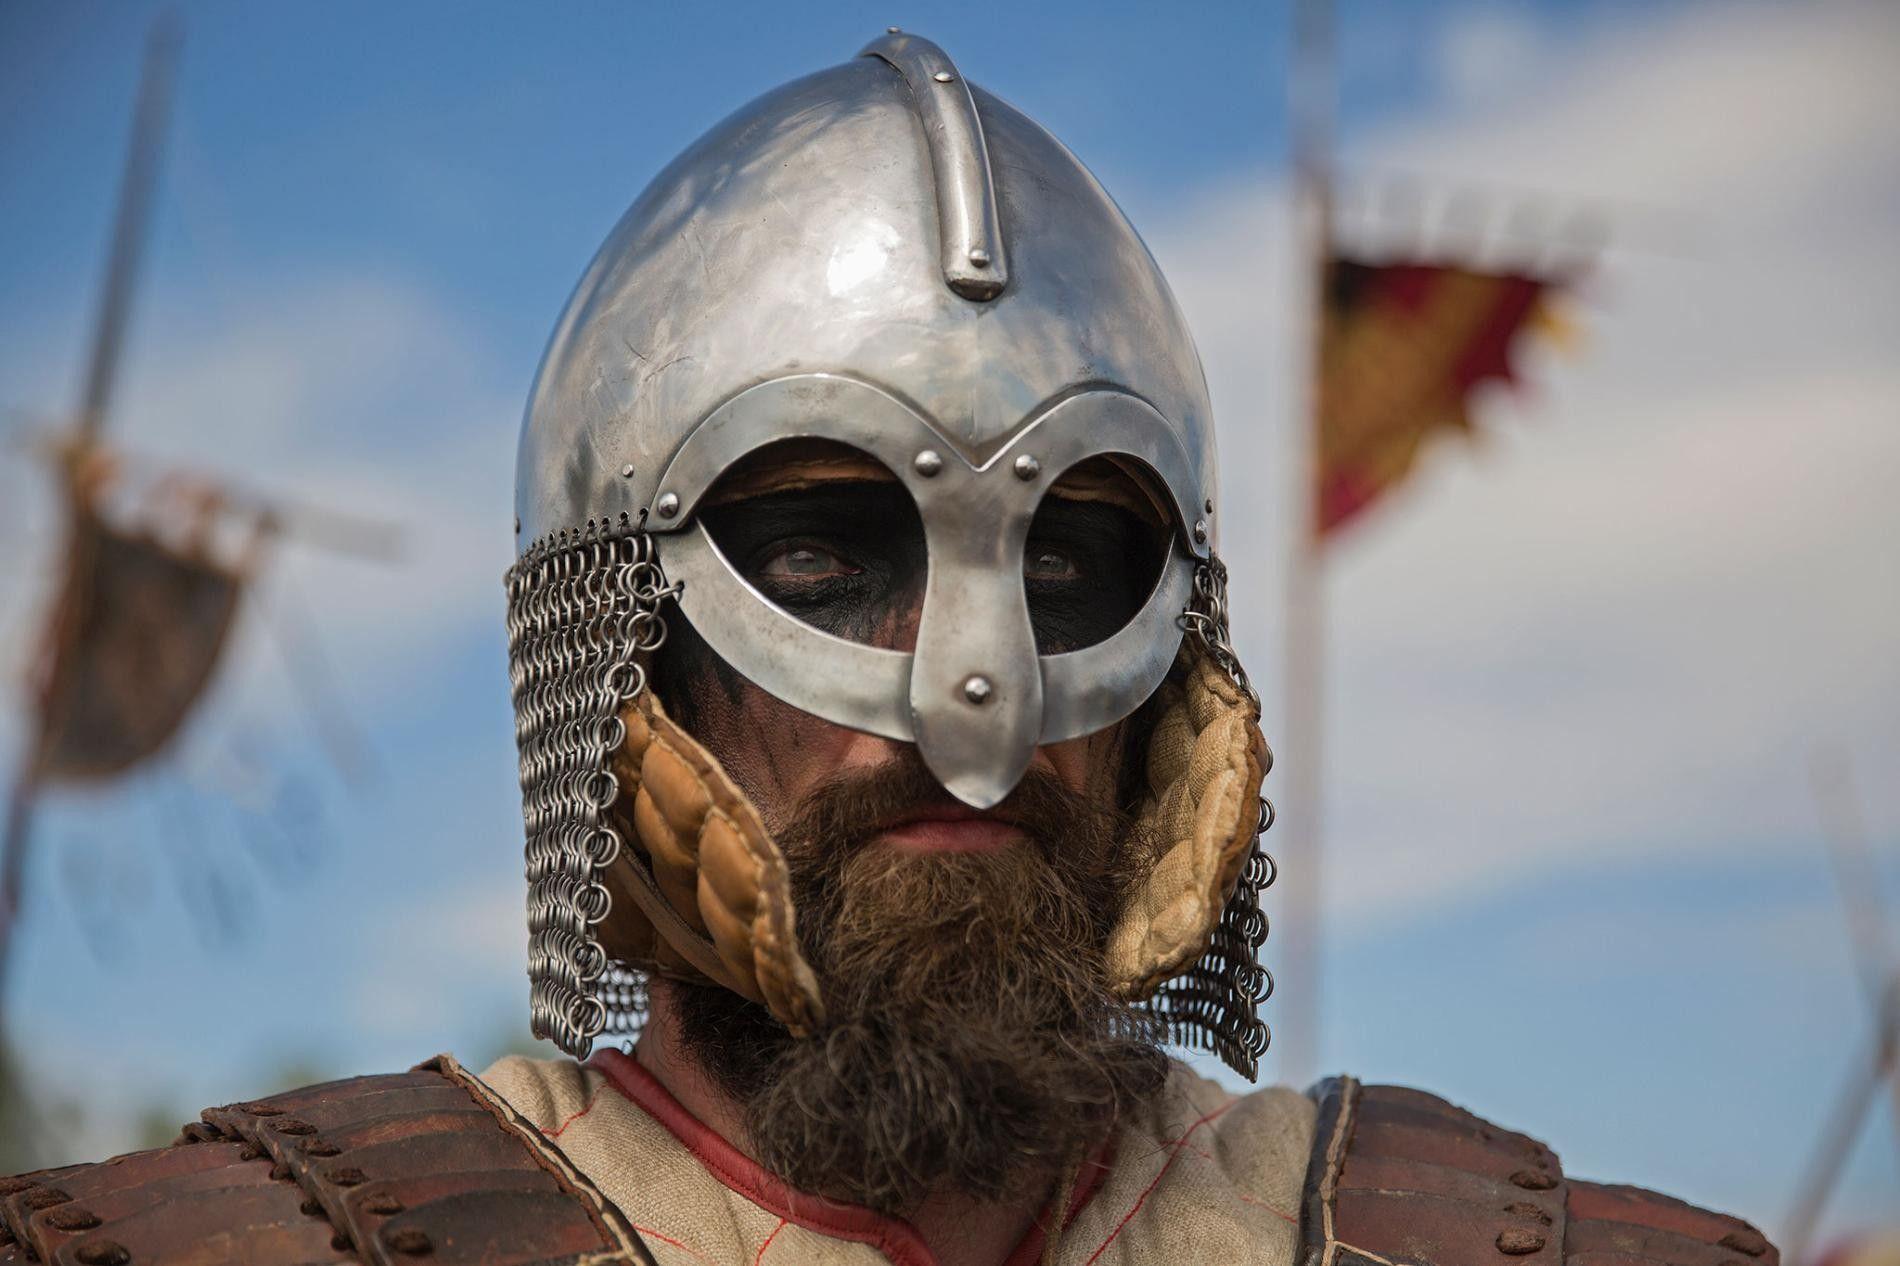 Un acteur participe à la recréation d'une scène de bataille viking, en Pologne.